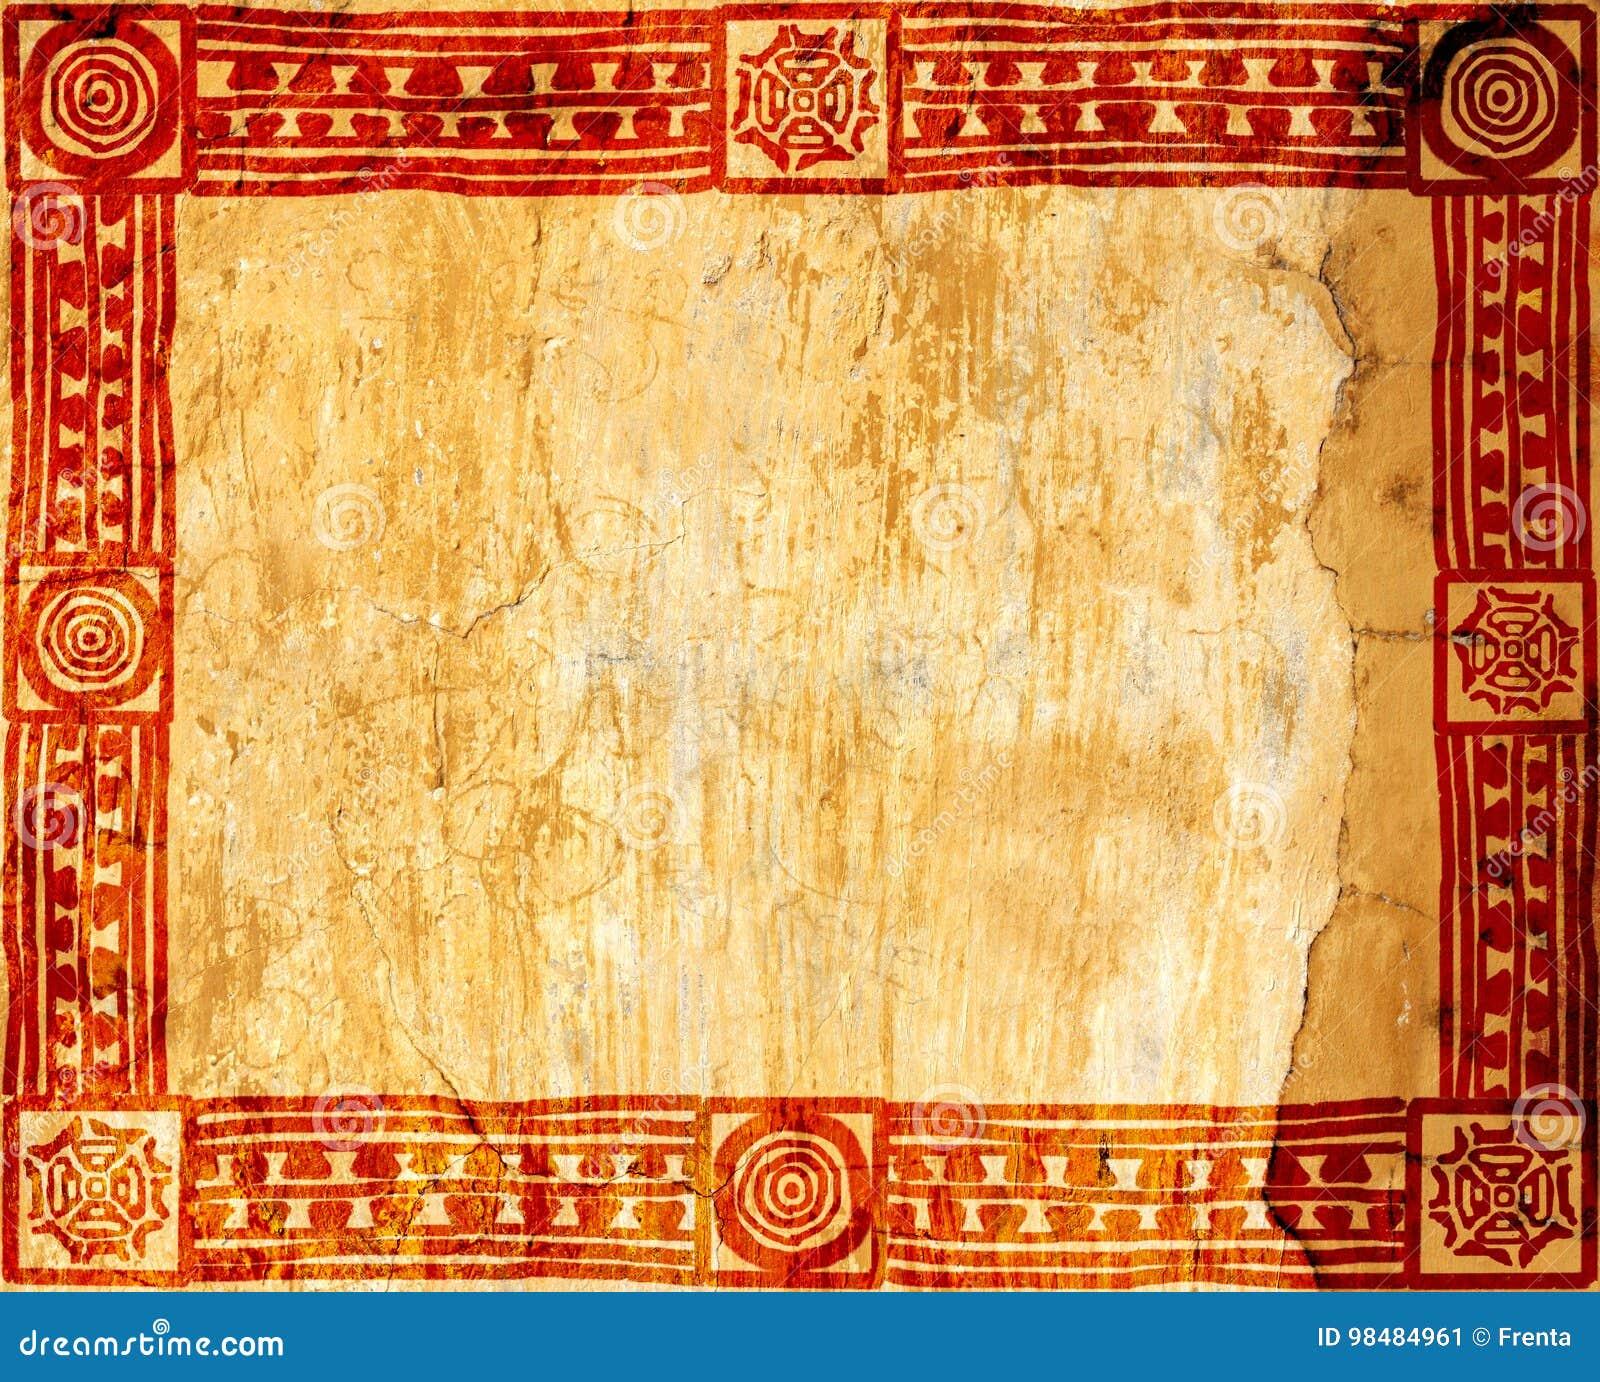 indianische traditionelle muster archivbilder  abgabe des